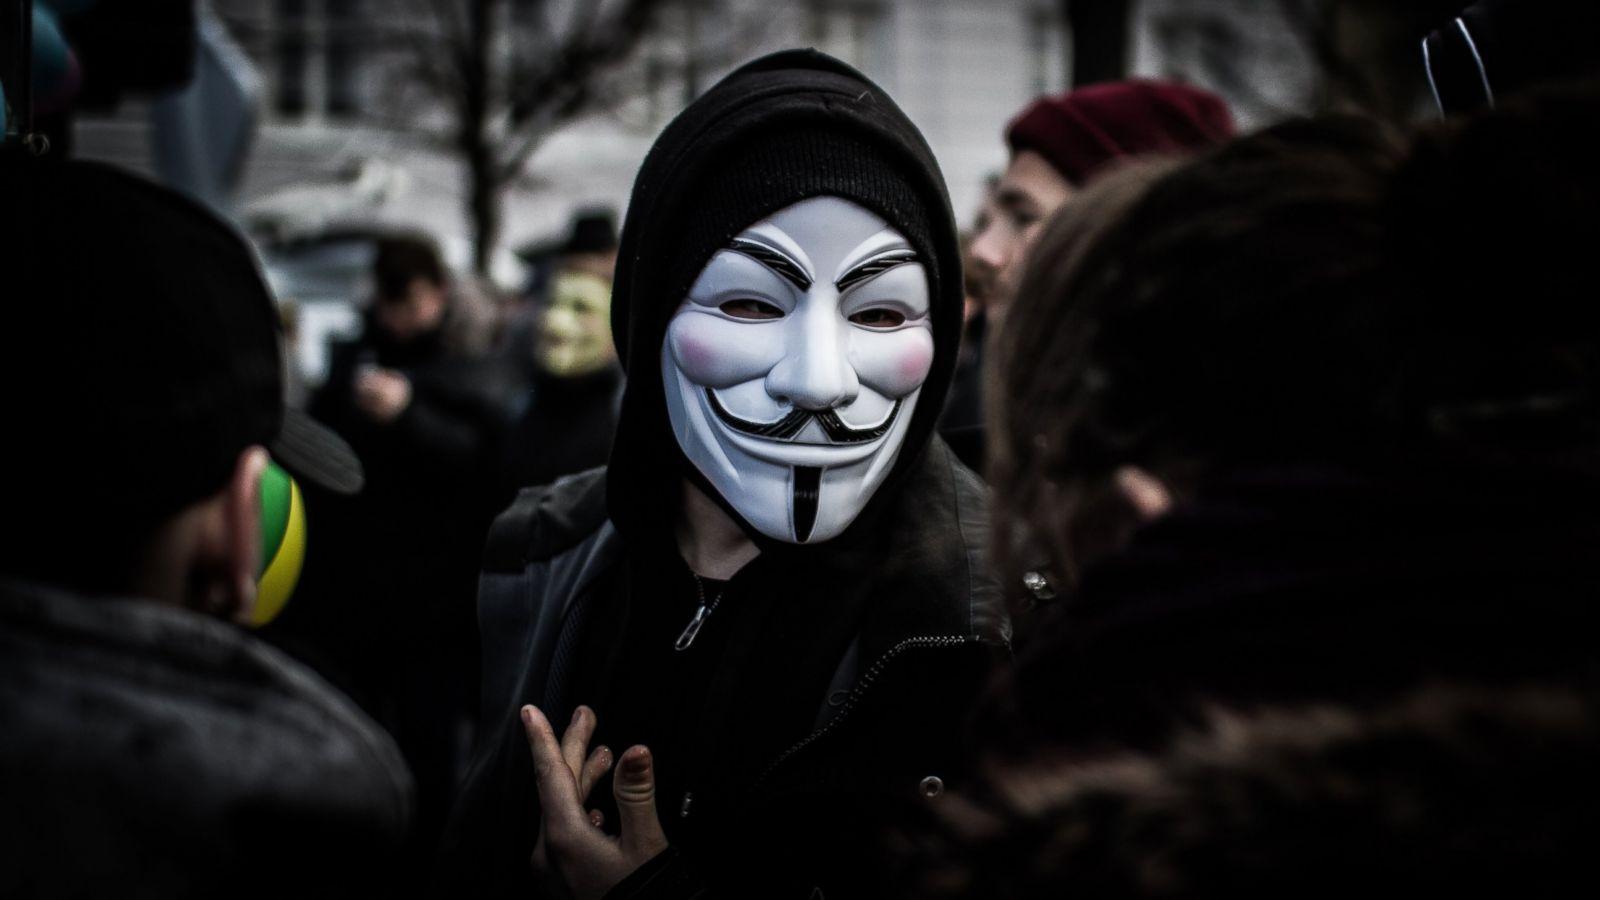 Ảnh Anonymous mặt nạ trắng